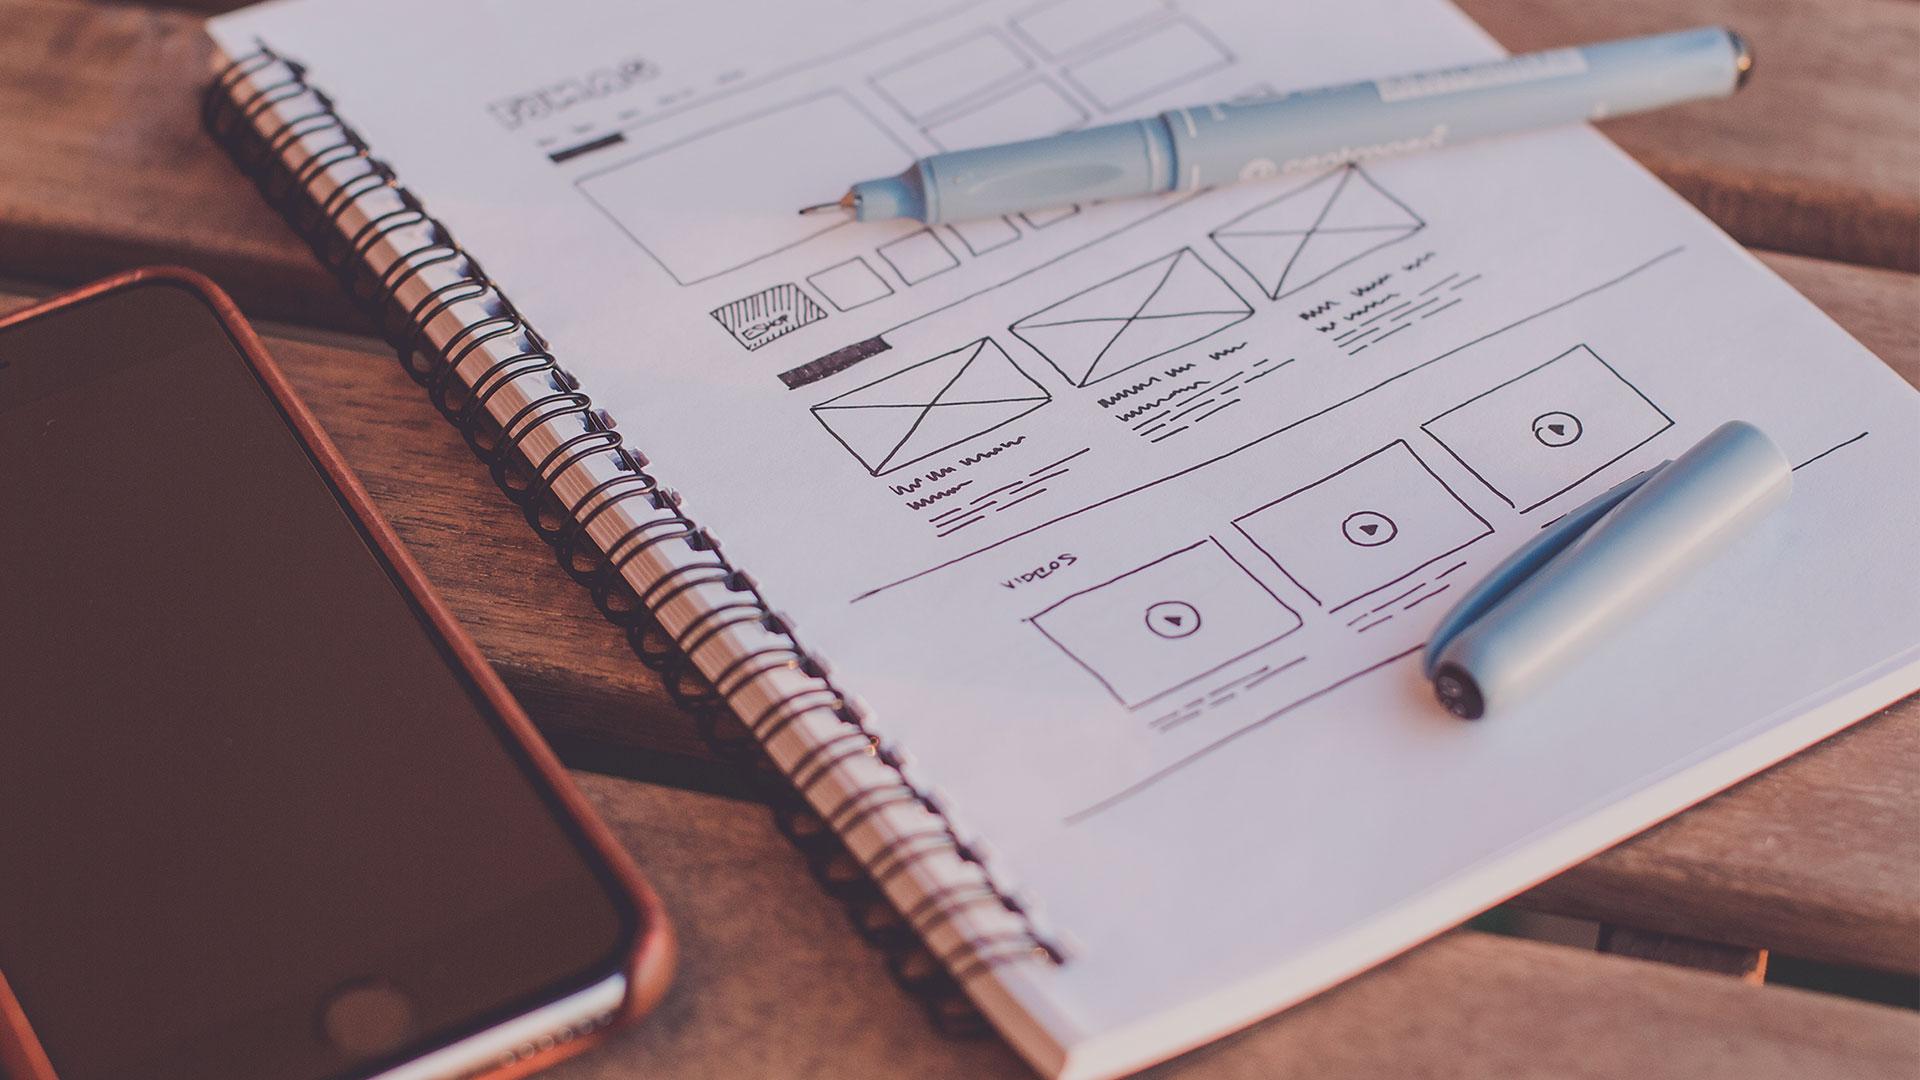 Agência Polvo - Design, Marketing e Websites